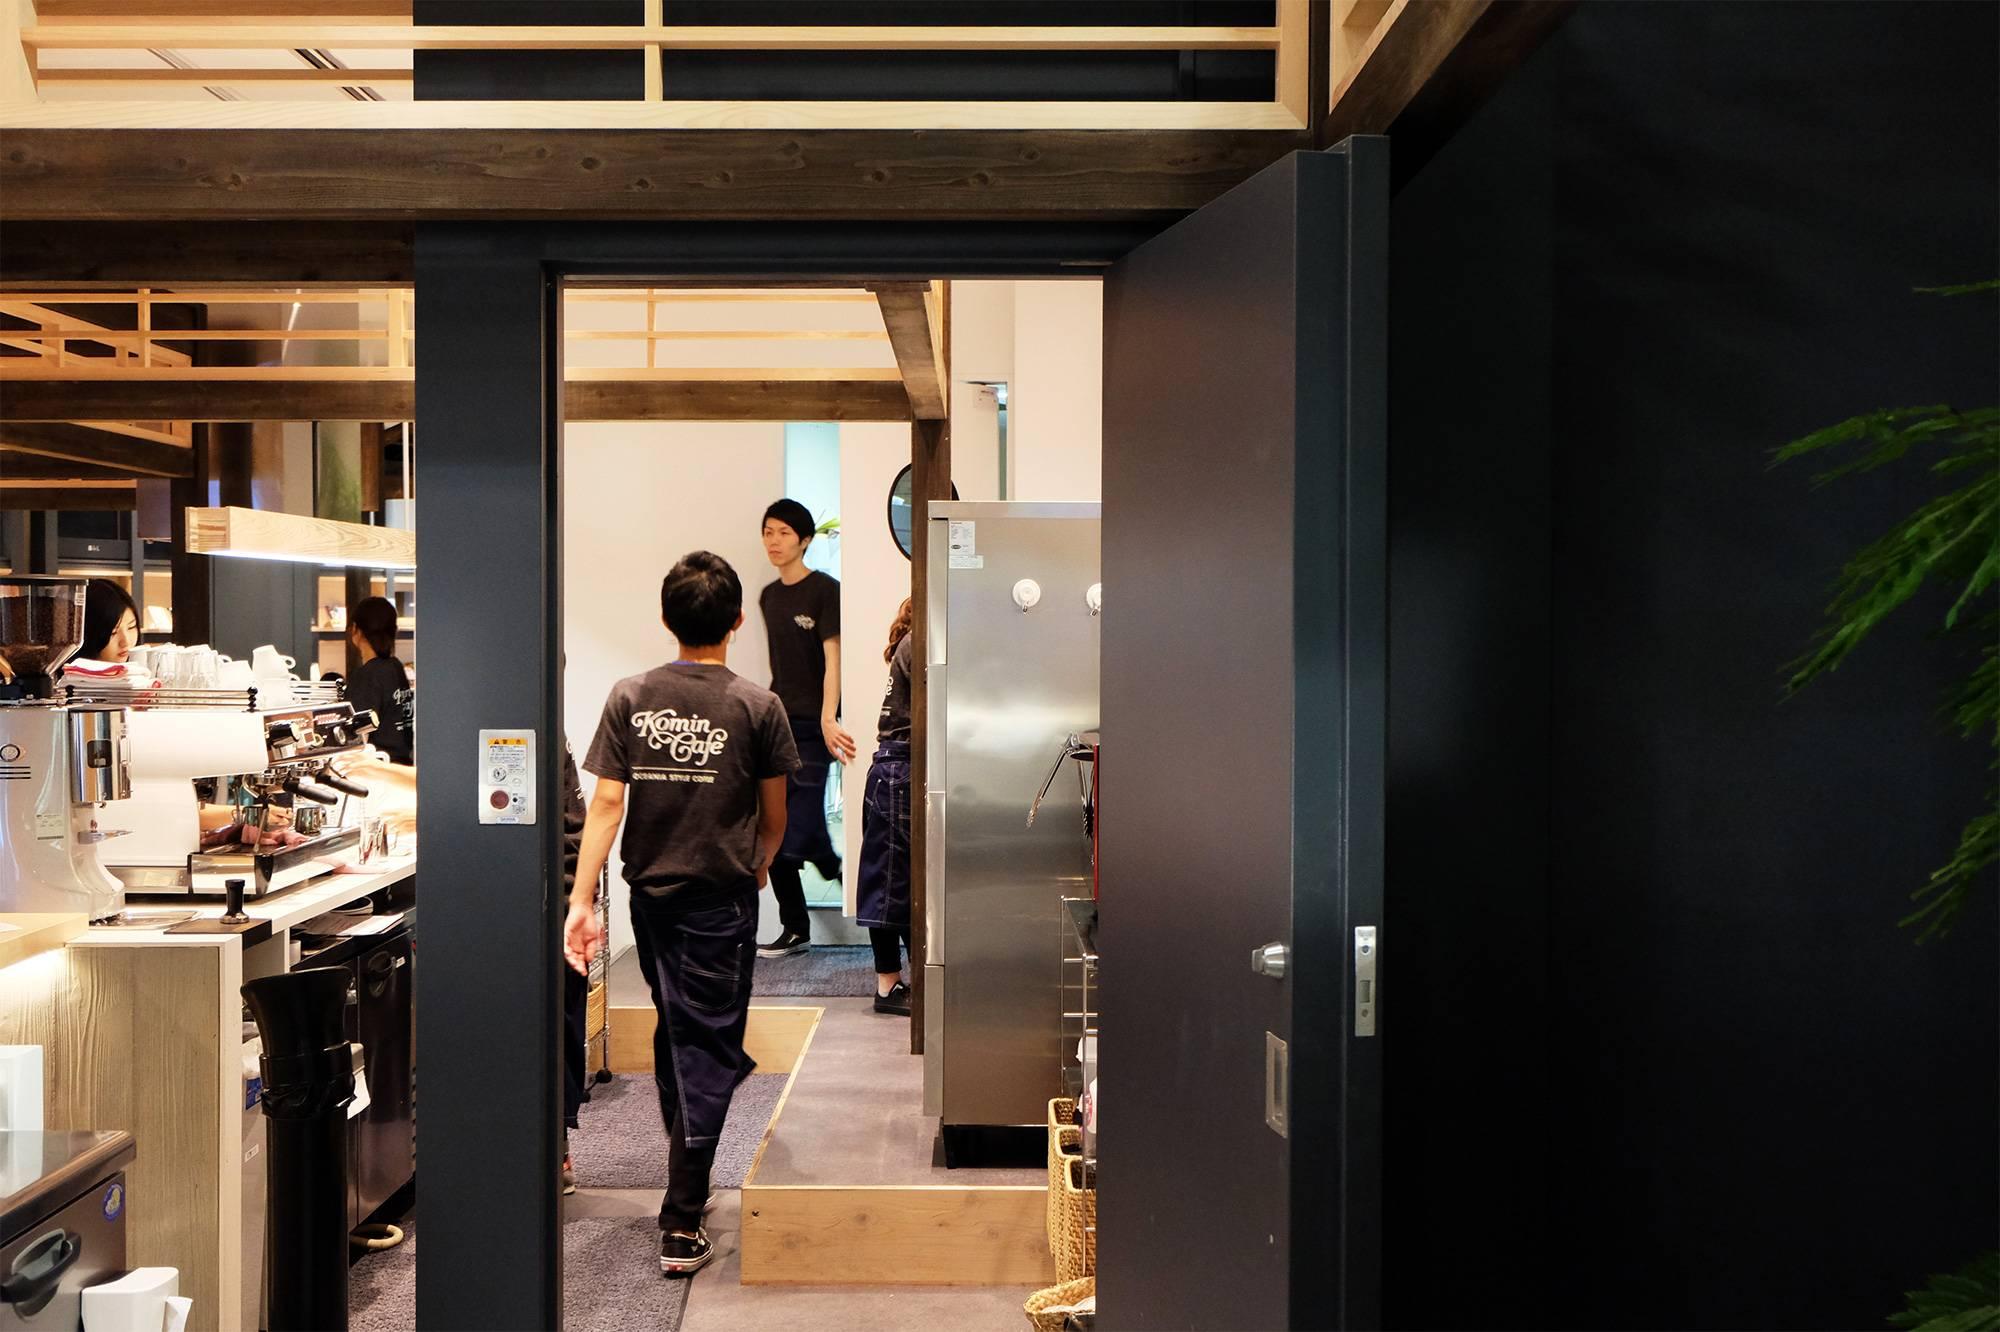 【大阪・梅田】おすすめカフェ&コーヒースタンドまとめ Komin Cafe